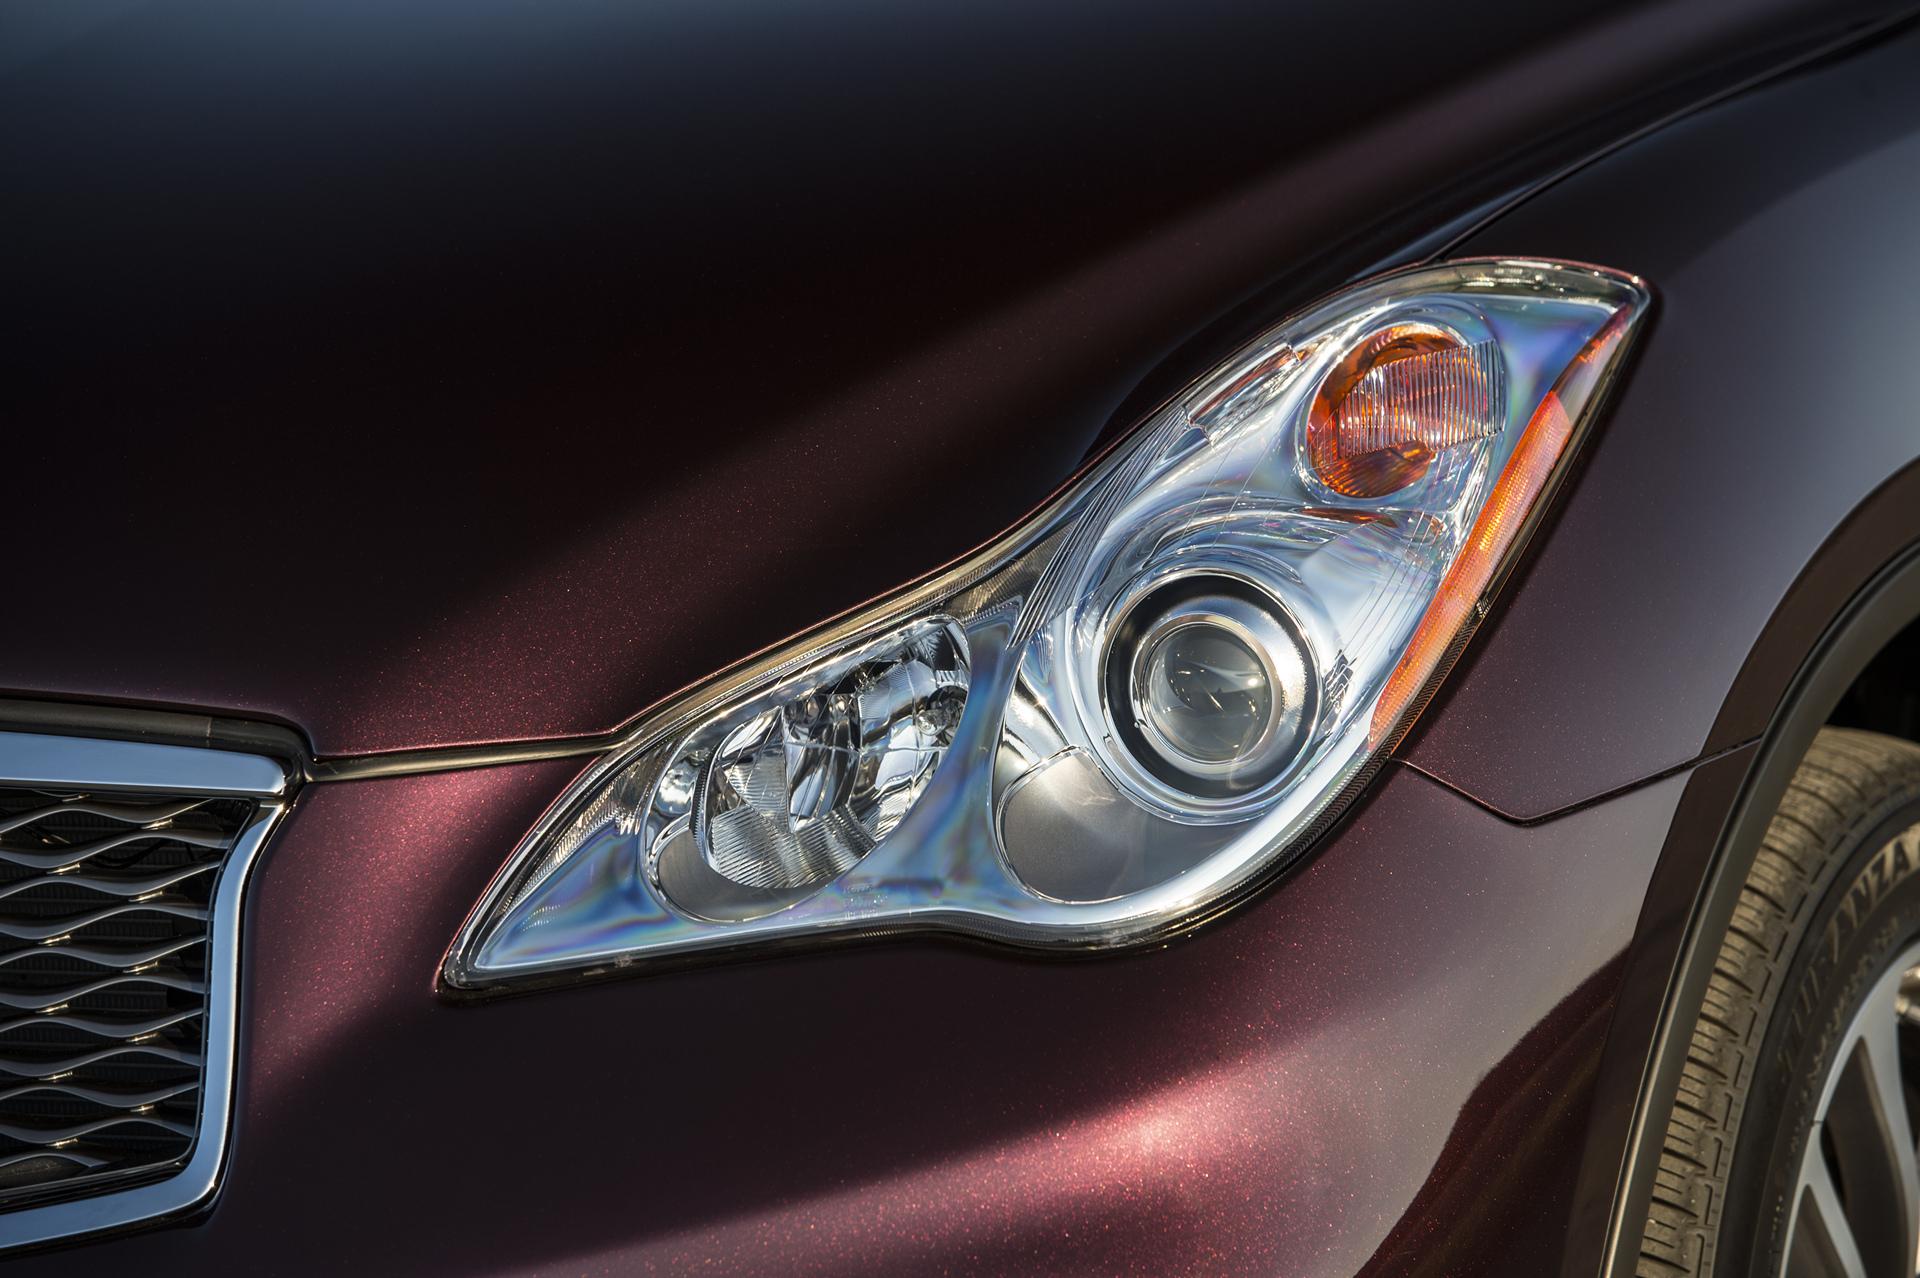 2016 Infiniti QX50 © Nissan Motor Co., Ltd.